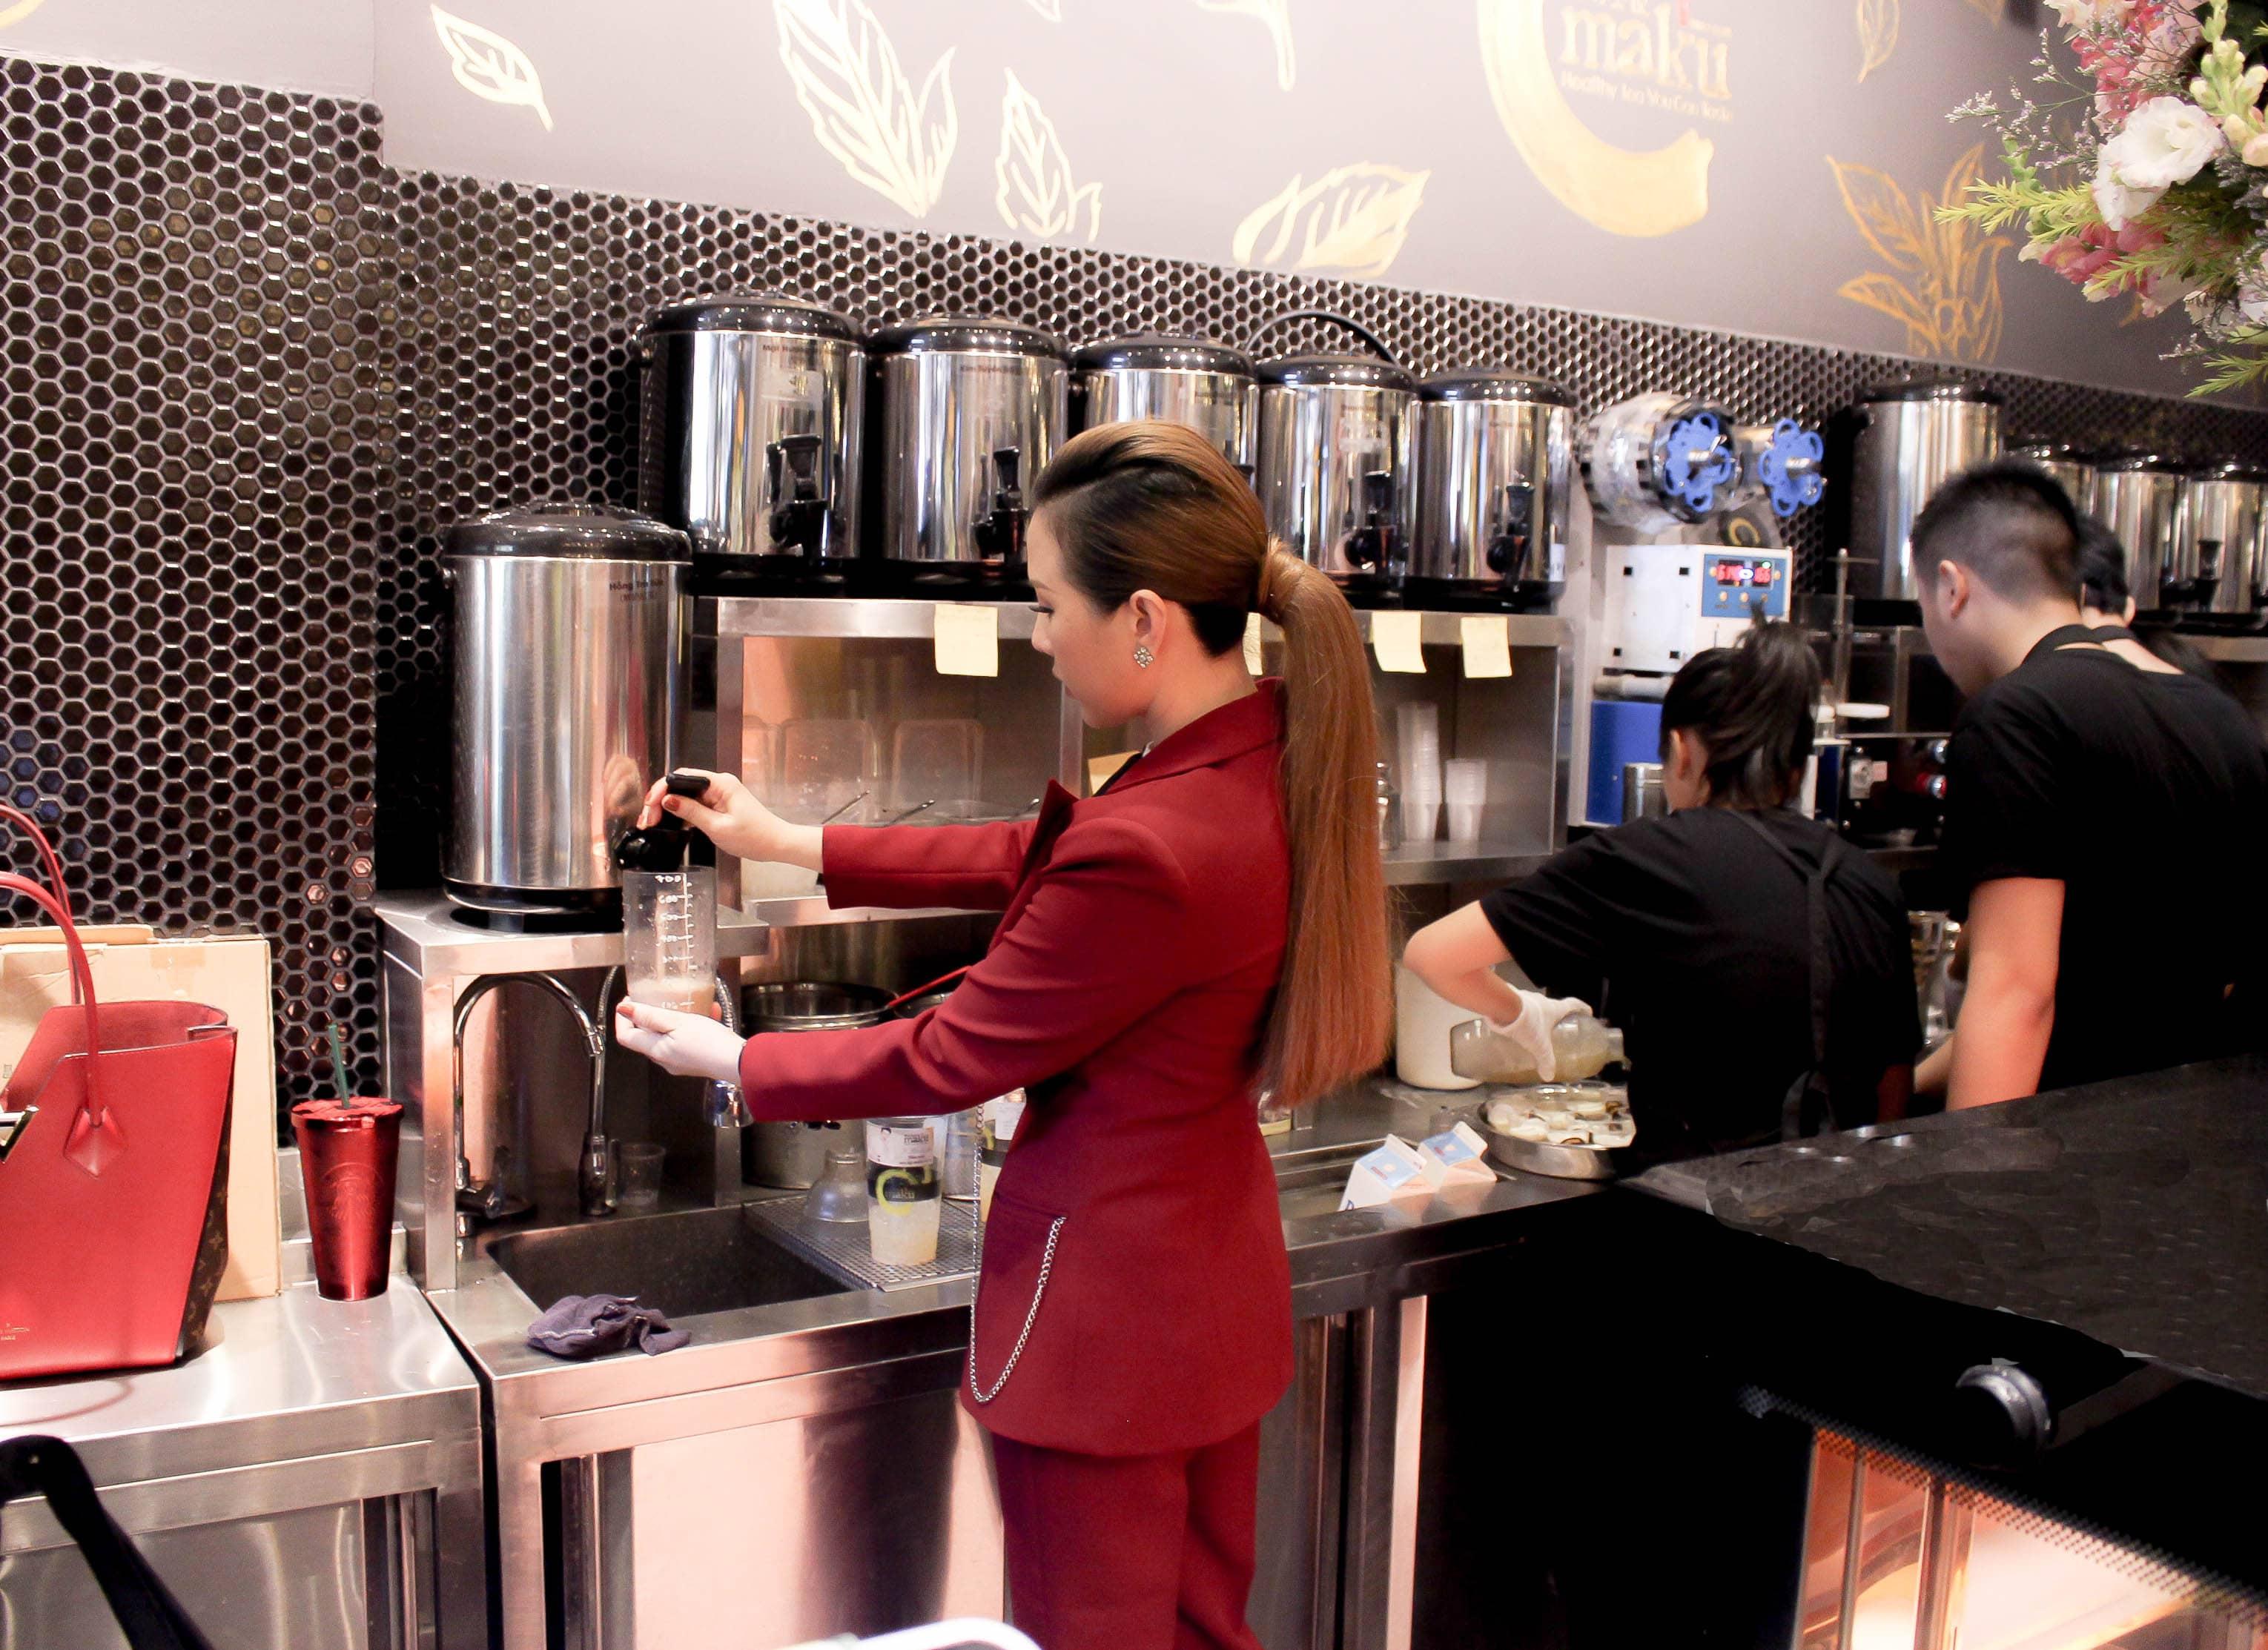 Hình ảnh hoa hậu Thu Hoài pha đồ uống cho khách